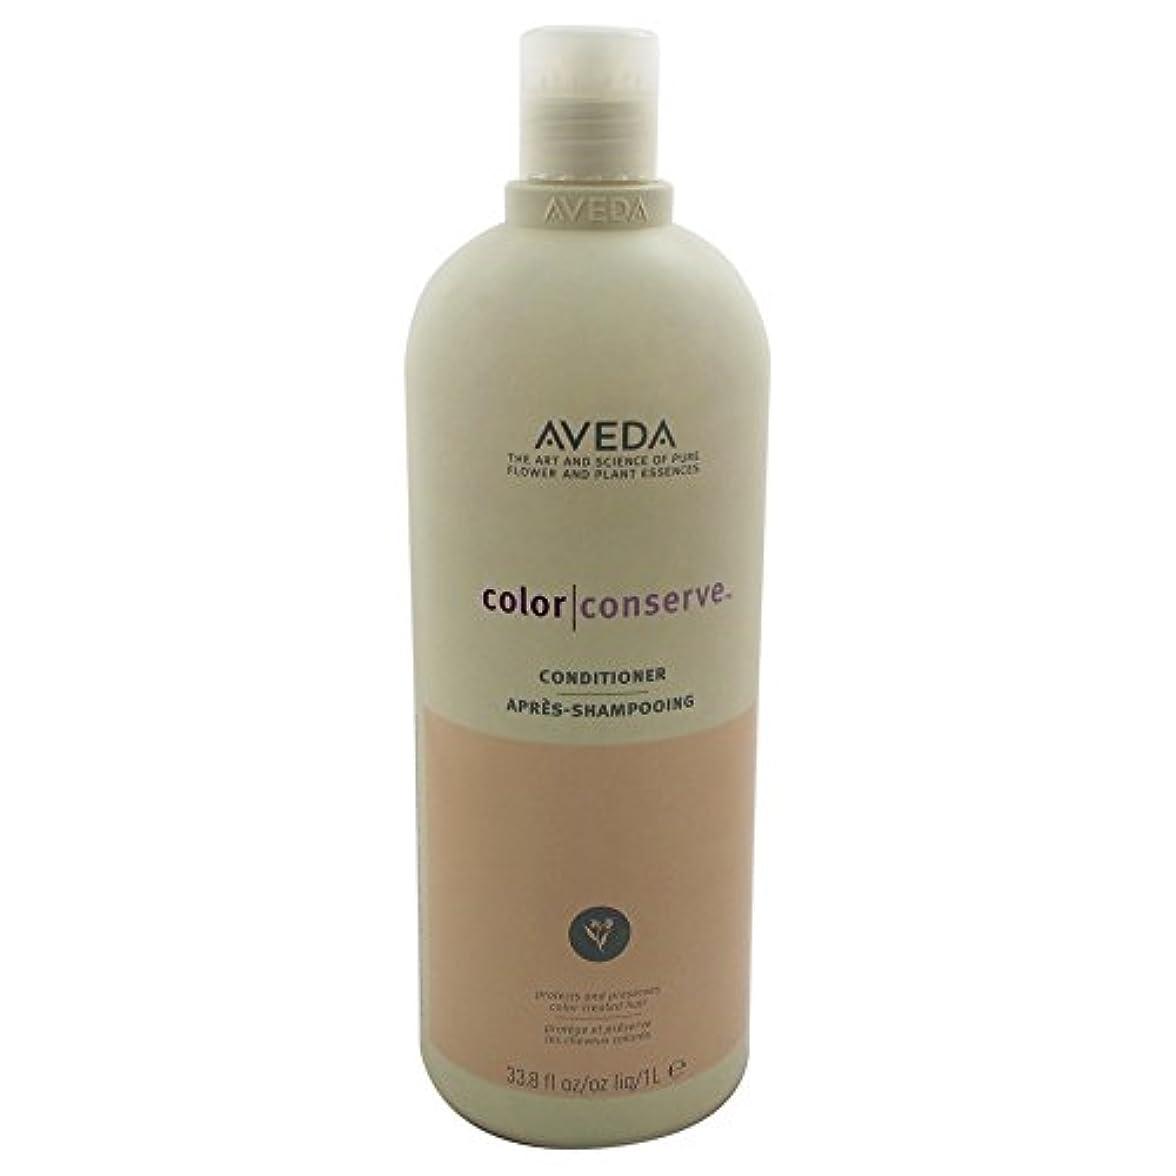 レジデンス養うビリーアヴェダ(AVEDA) カラーコンサーブ コンディショナー<カラーリングヘア用><サロンサイズ> 1000ml [並行輸入品]